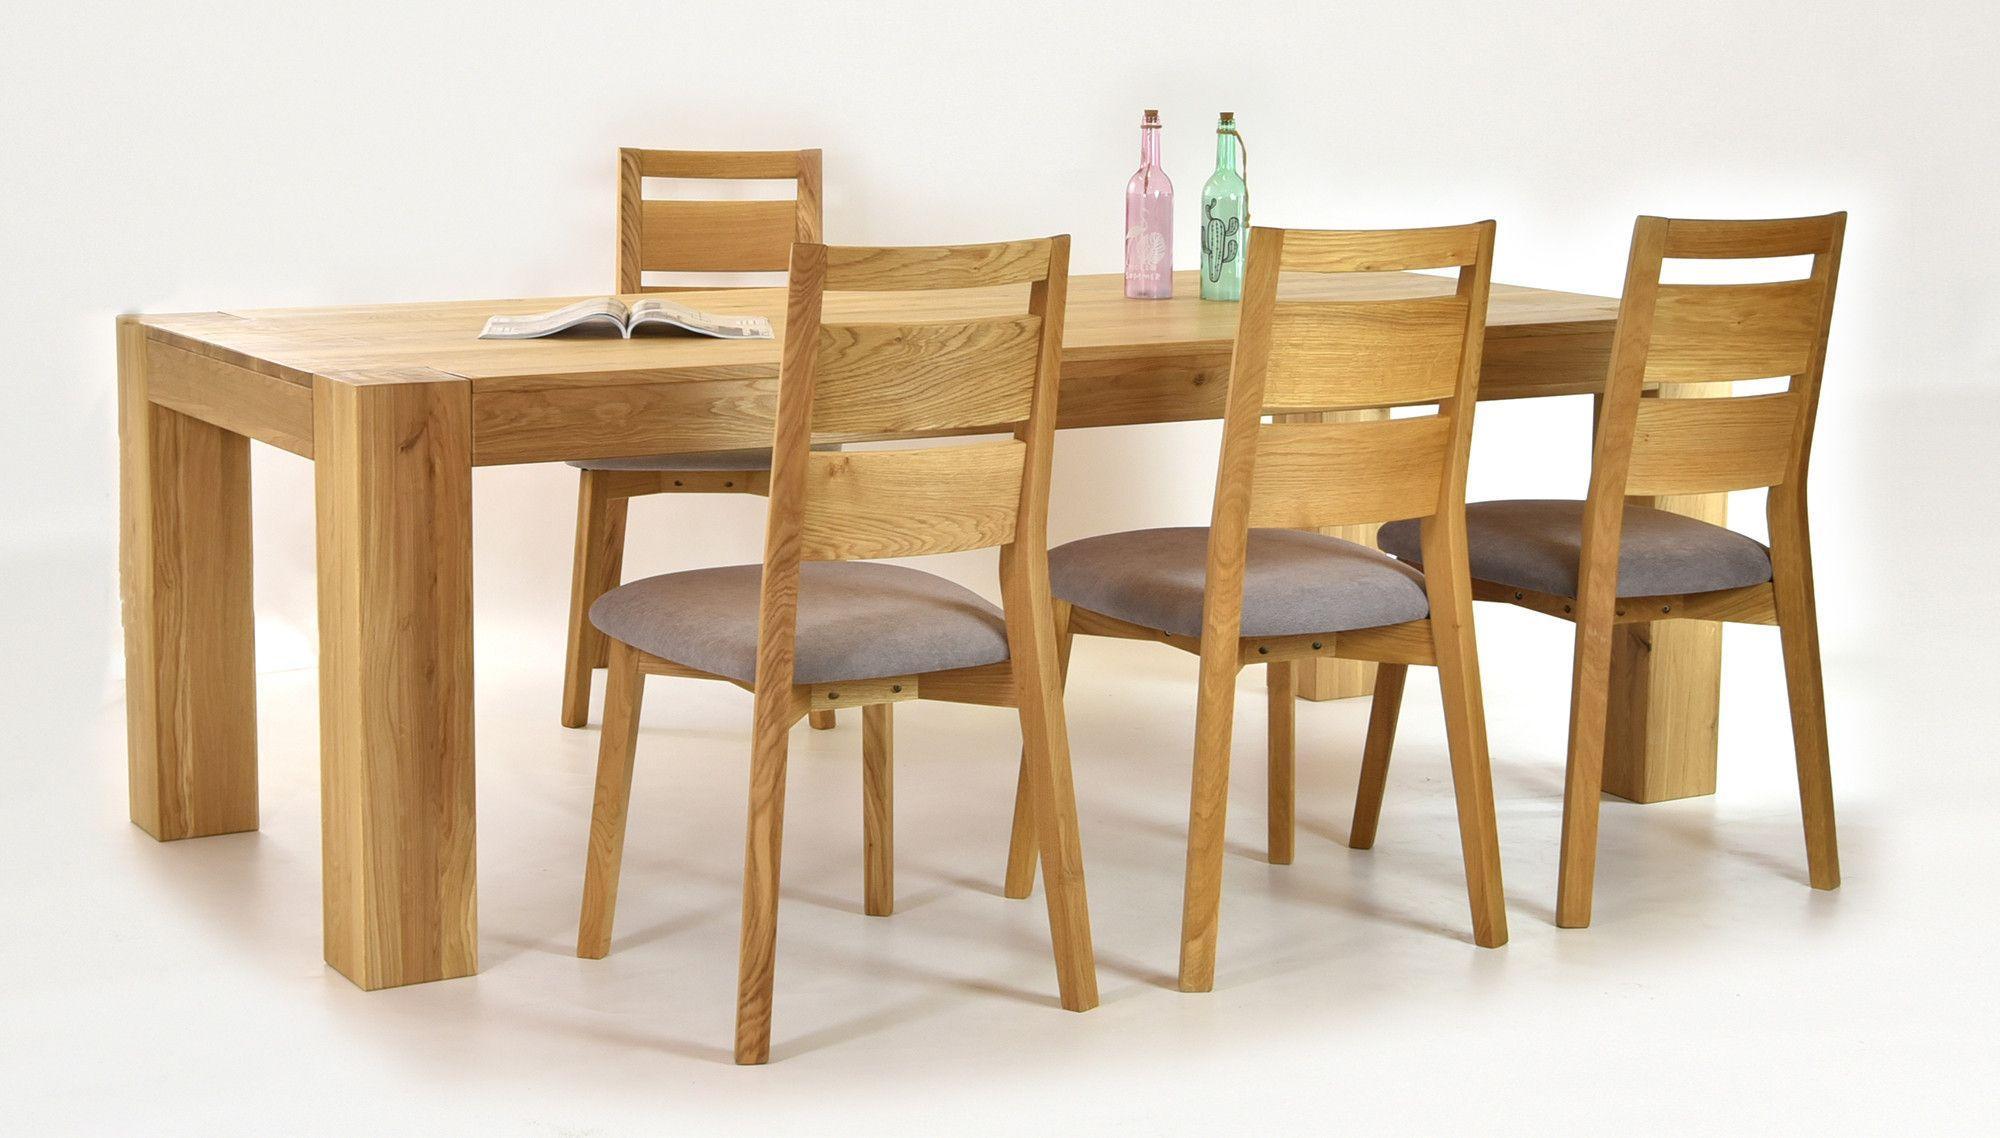 Luxusm bel zum esszimmer esstisch aus eichenholz george for Eichenholz esstisch